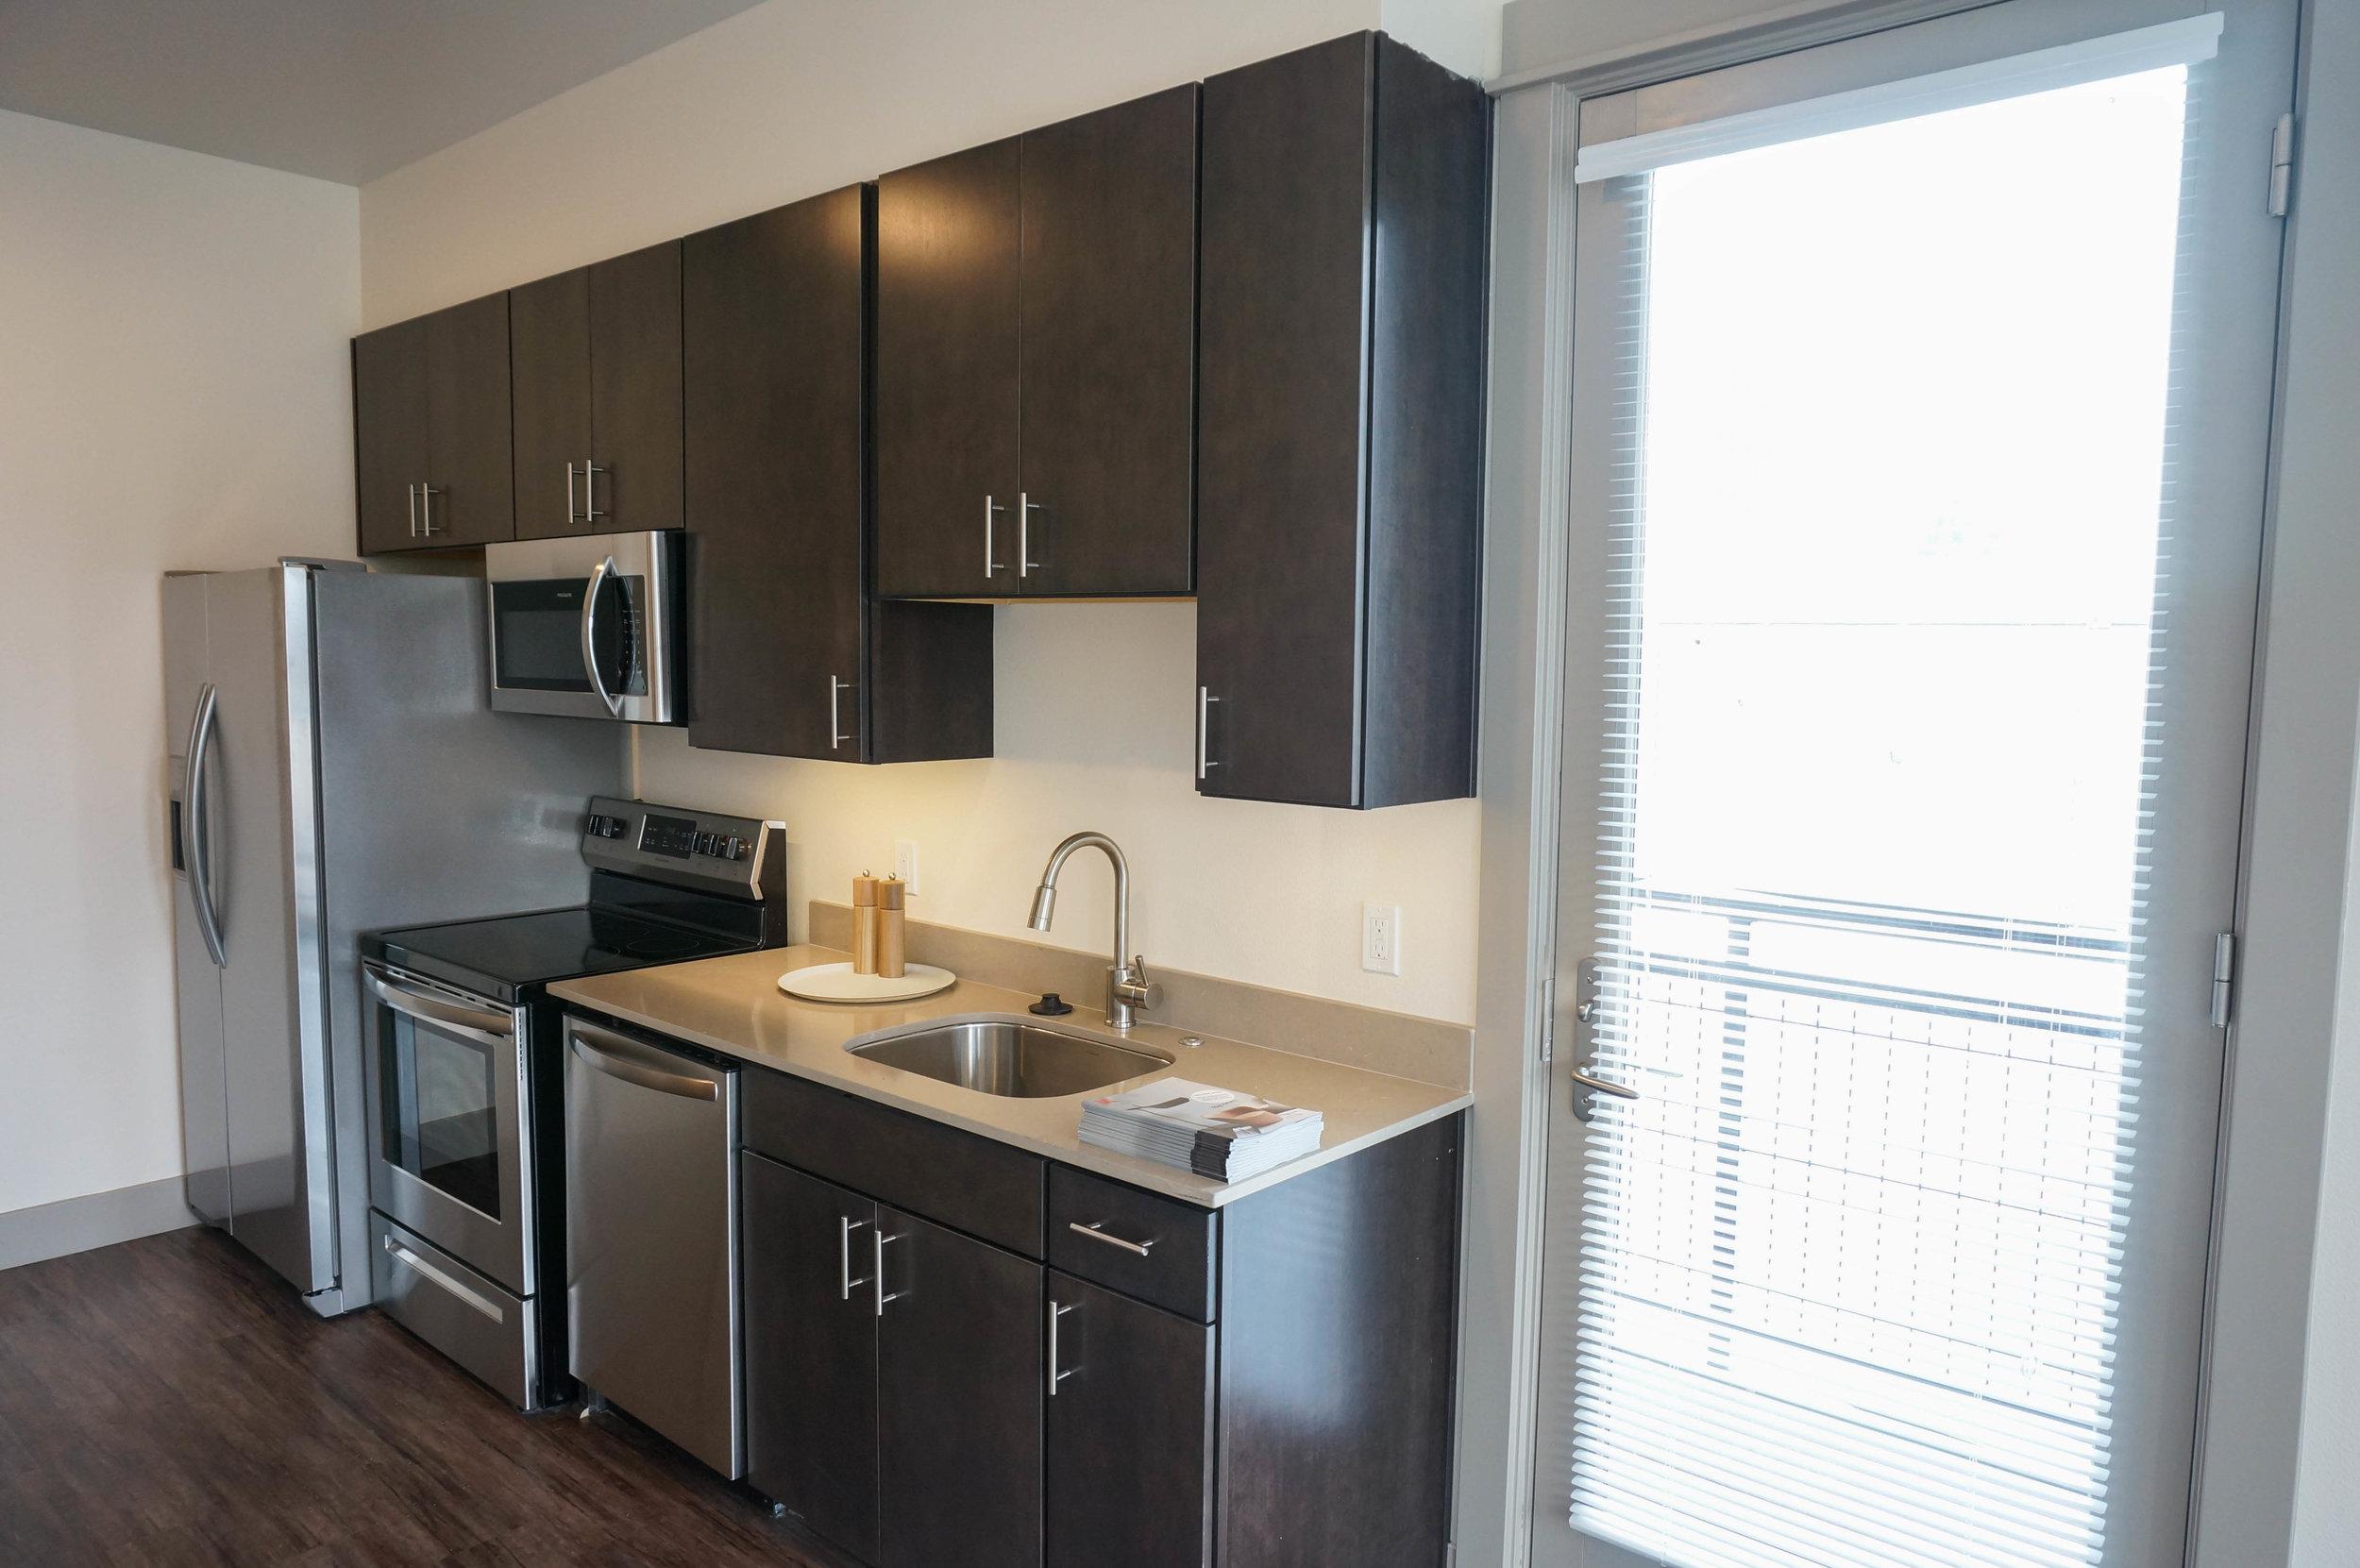 Everett - Studio Kitchen